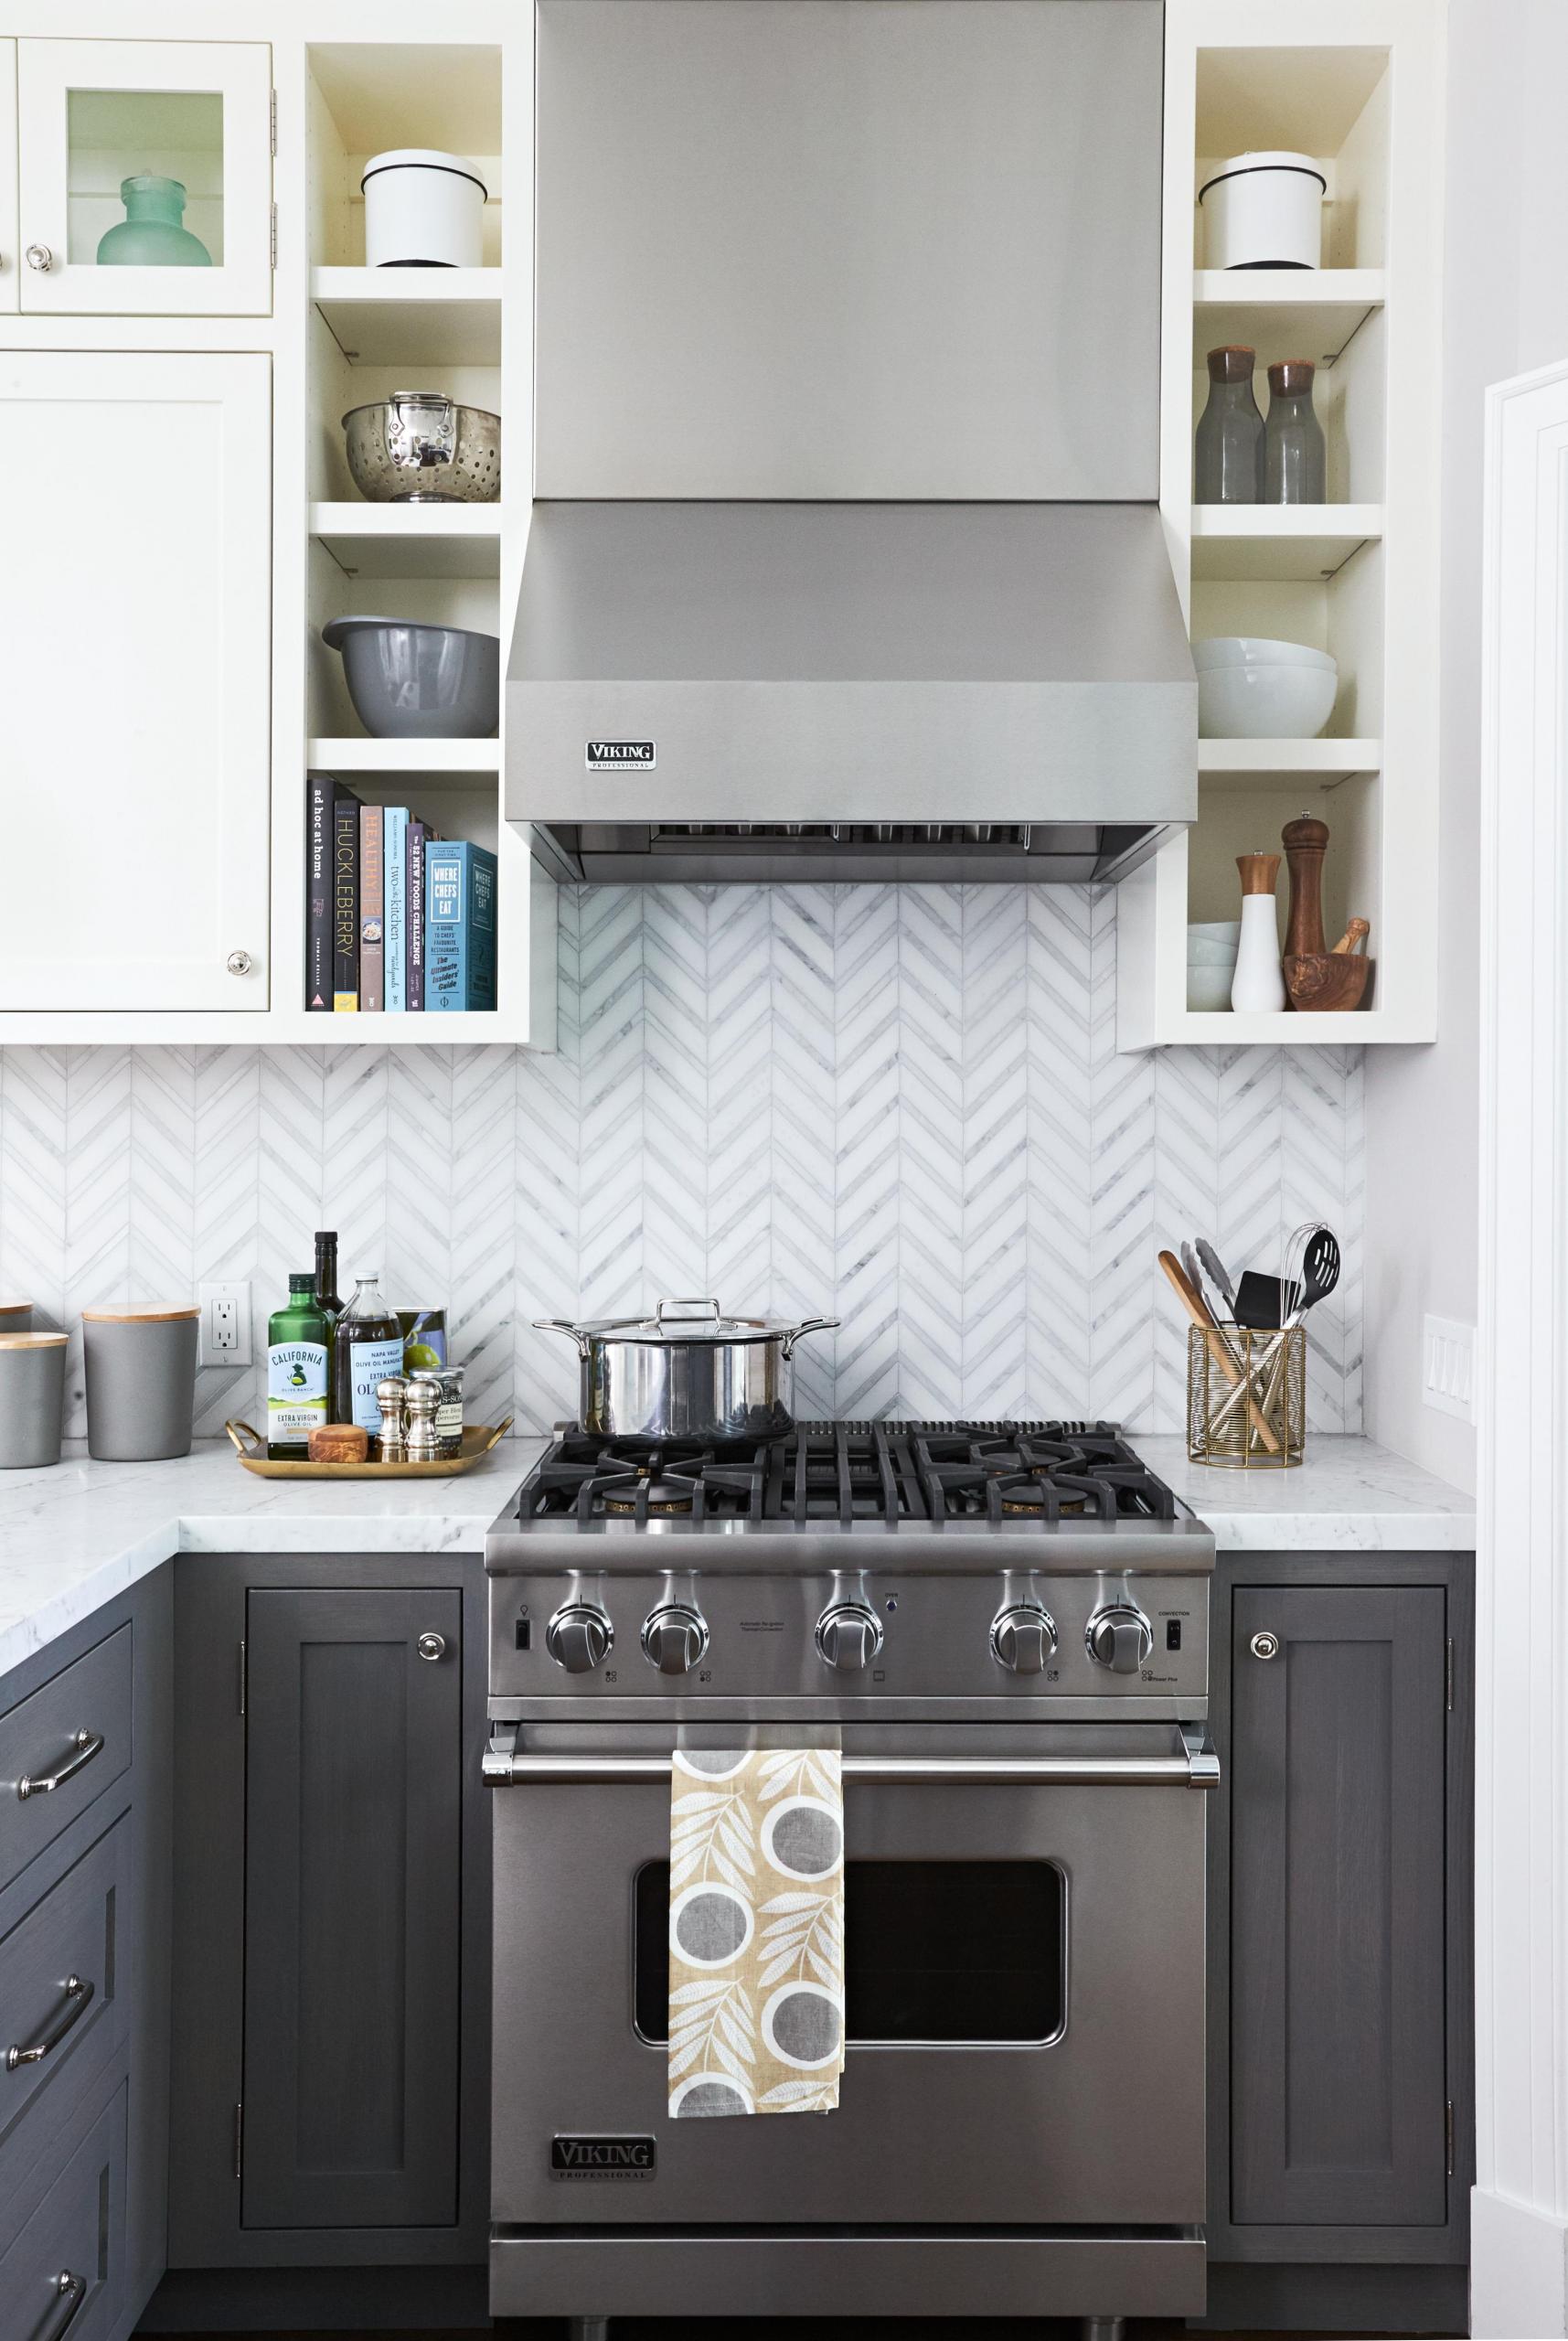 Elegant Gray Kitchen Backsplash Ideas In 2020 Unique Kitchen Backsplash Kitchen Backsplash Designs Kitchen Layout